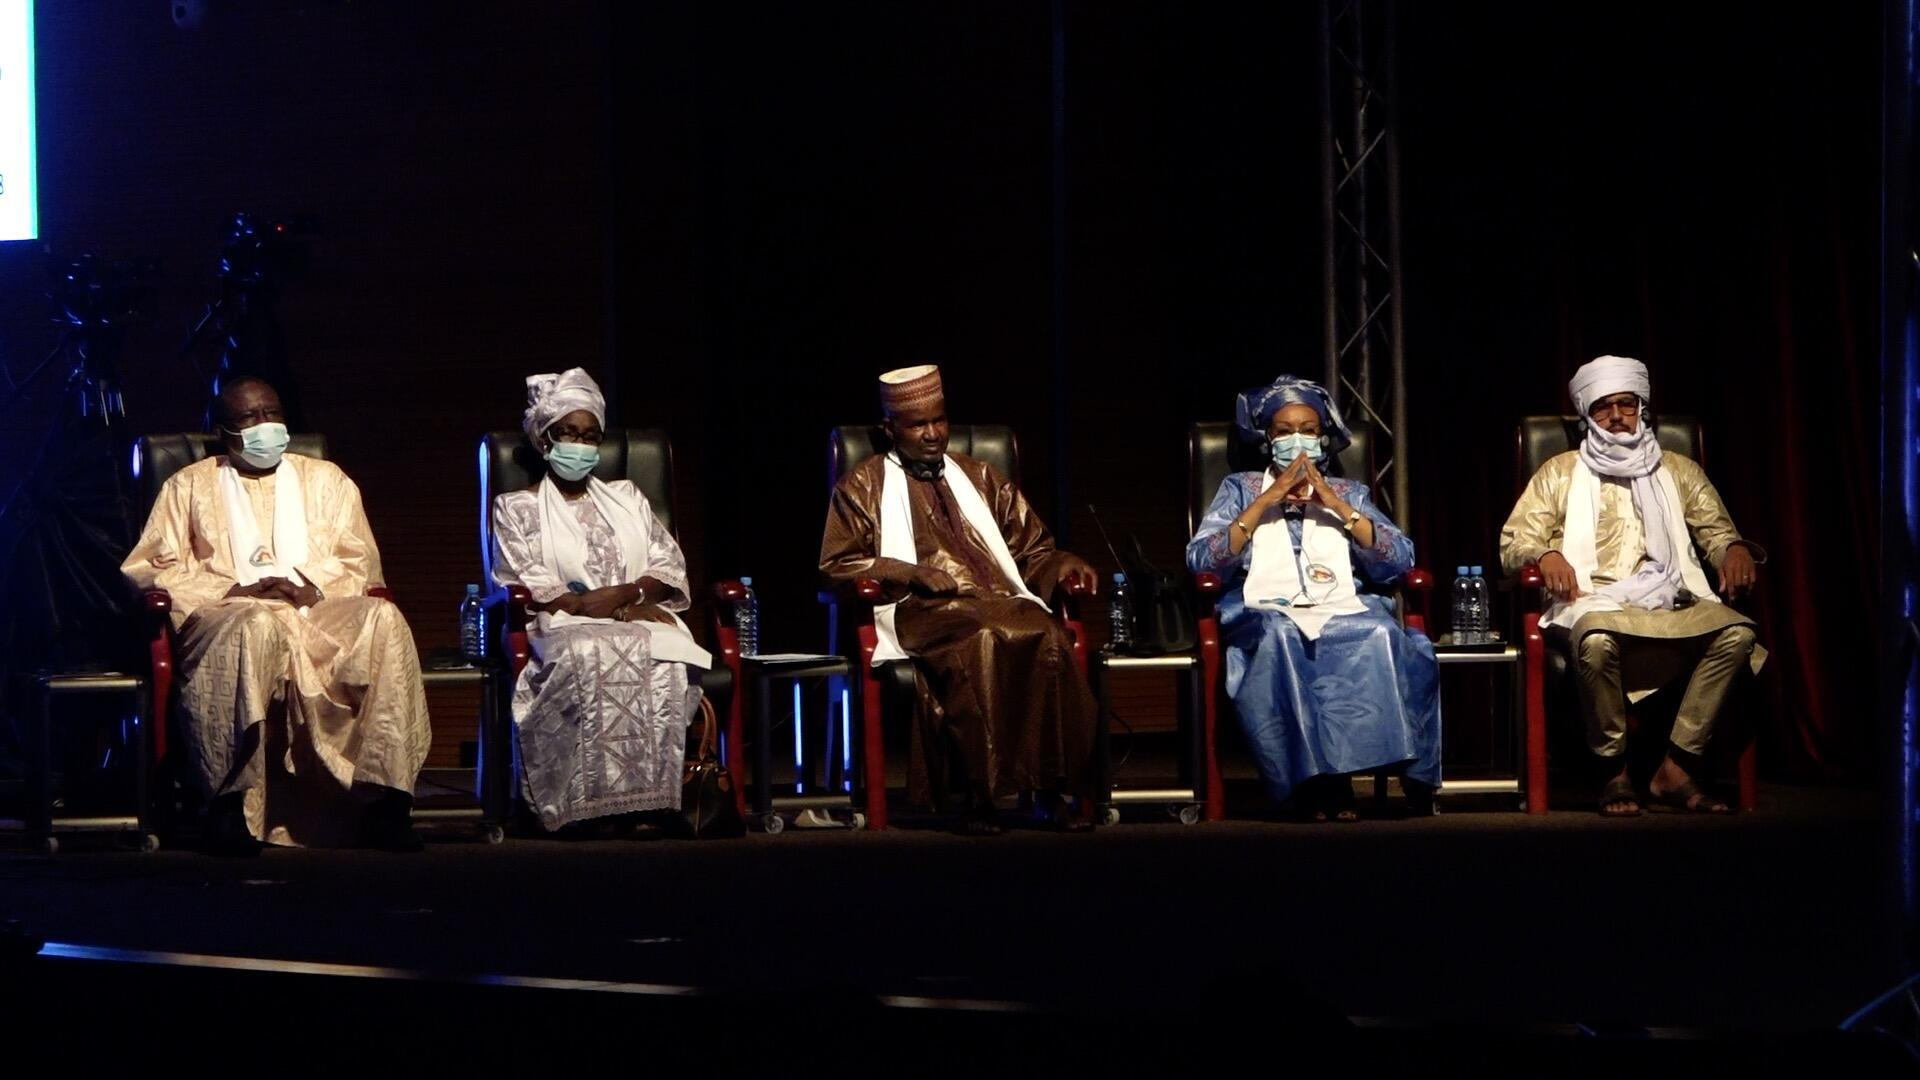 Mali CVJR victimes commission vérité justice et réconciliation